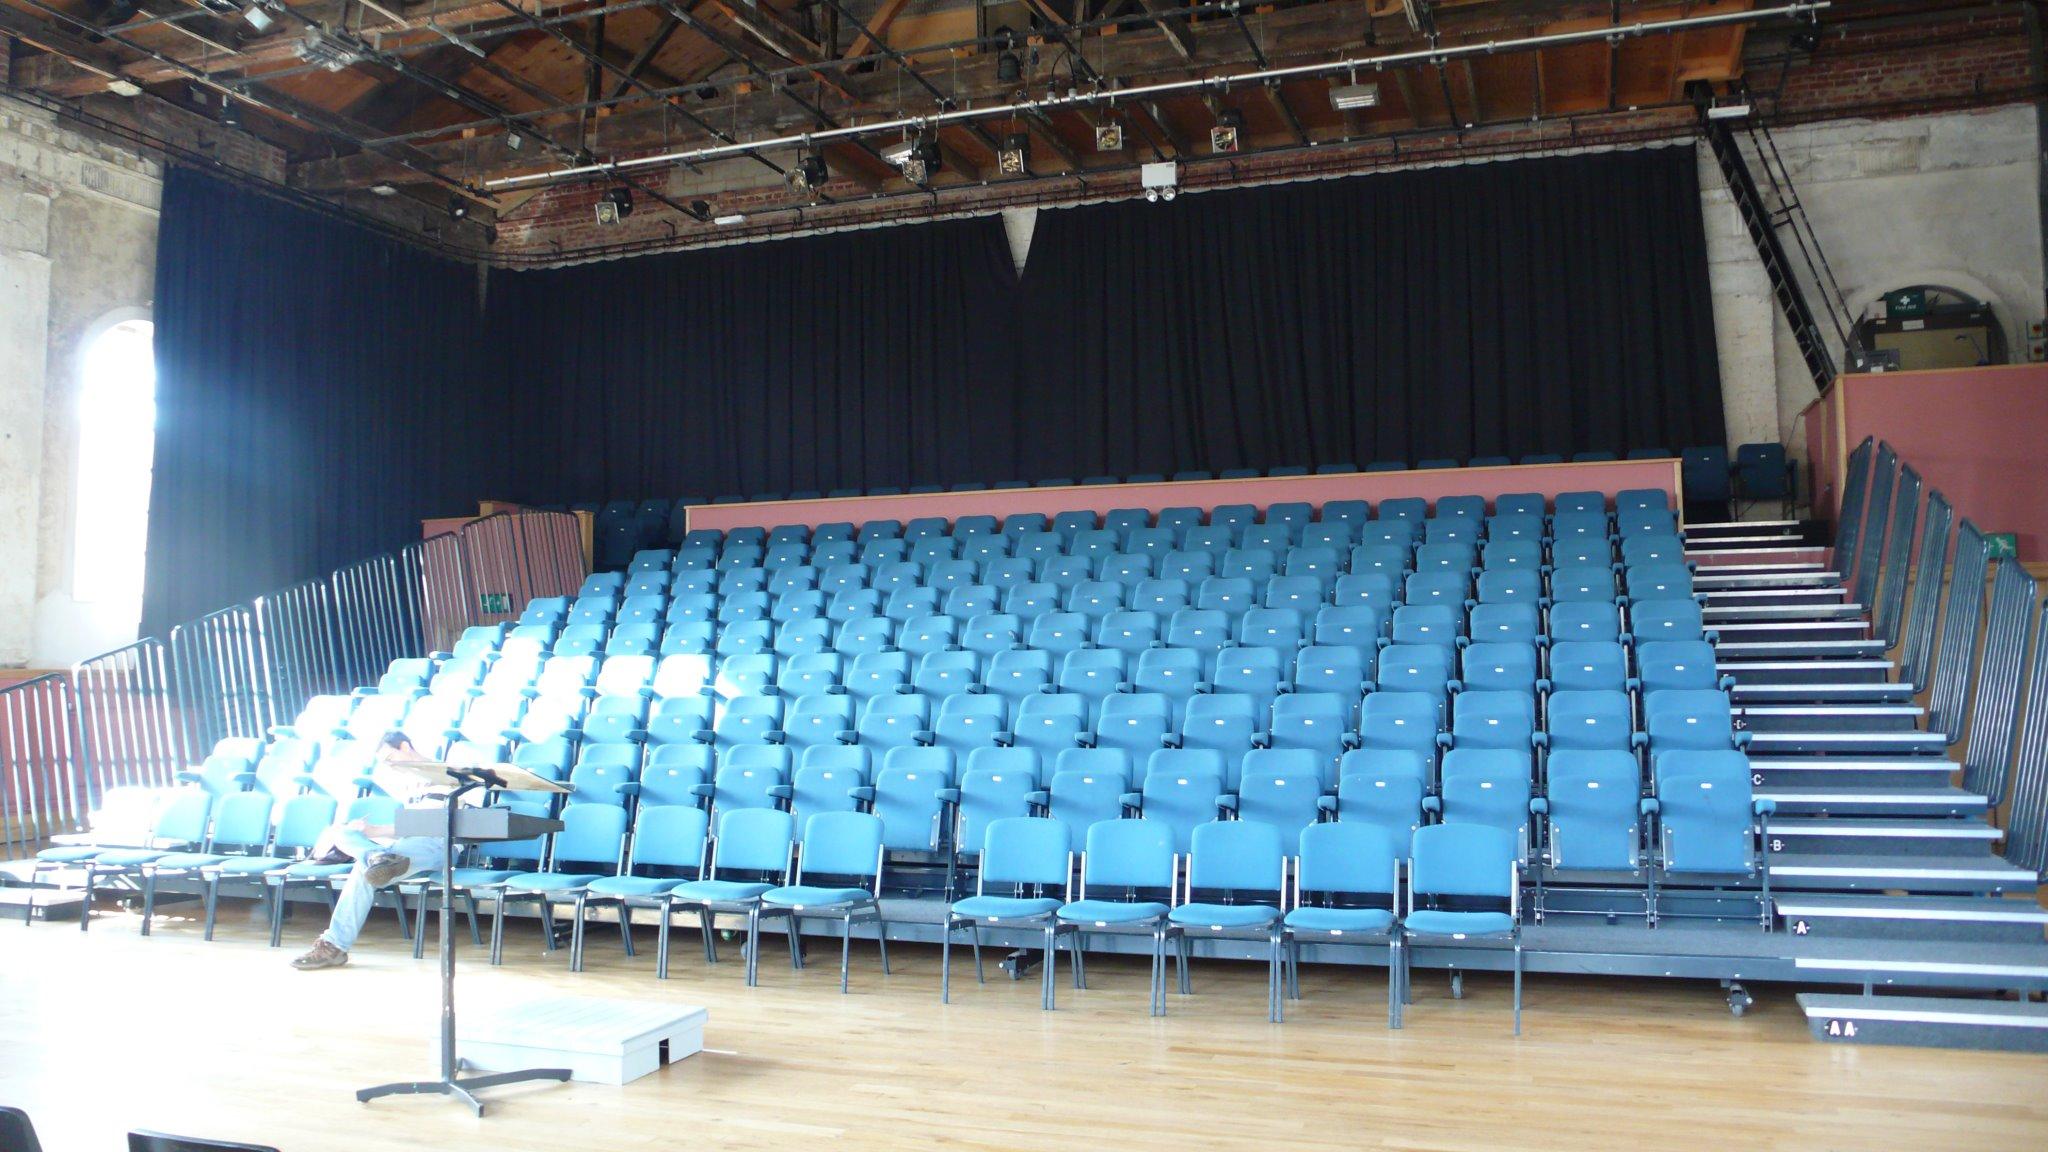 Square Chapel auditorium